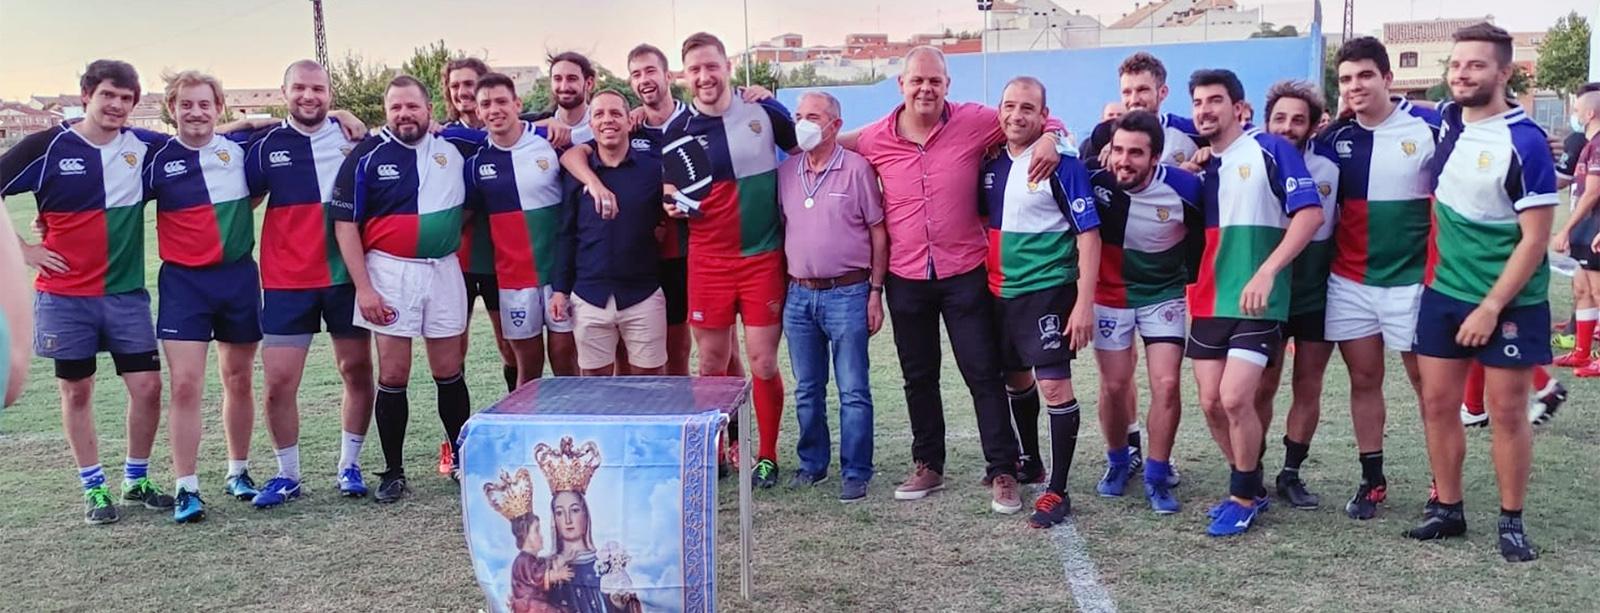 Crónica del Trofeo Virgen del Consuelo de Rugby